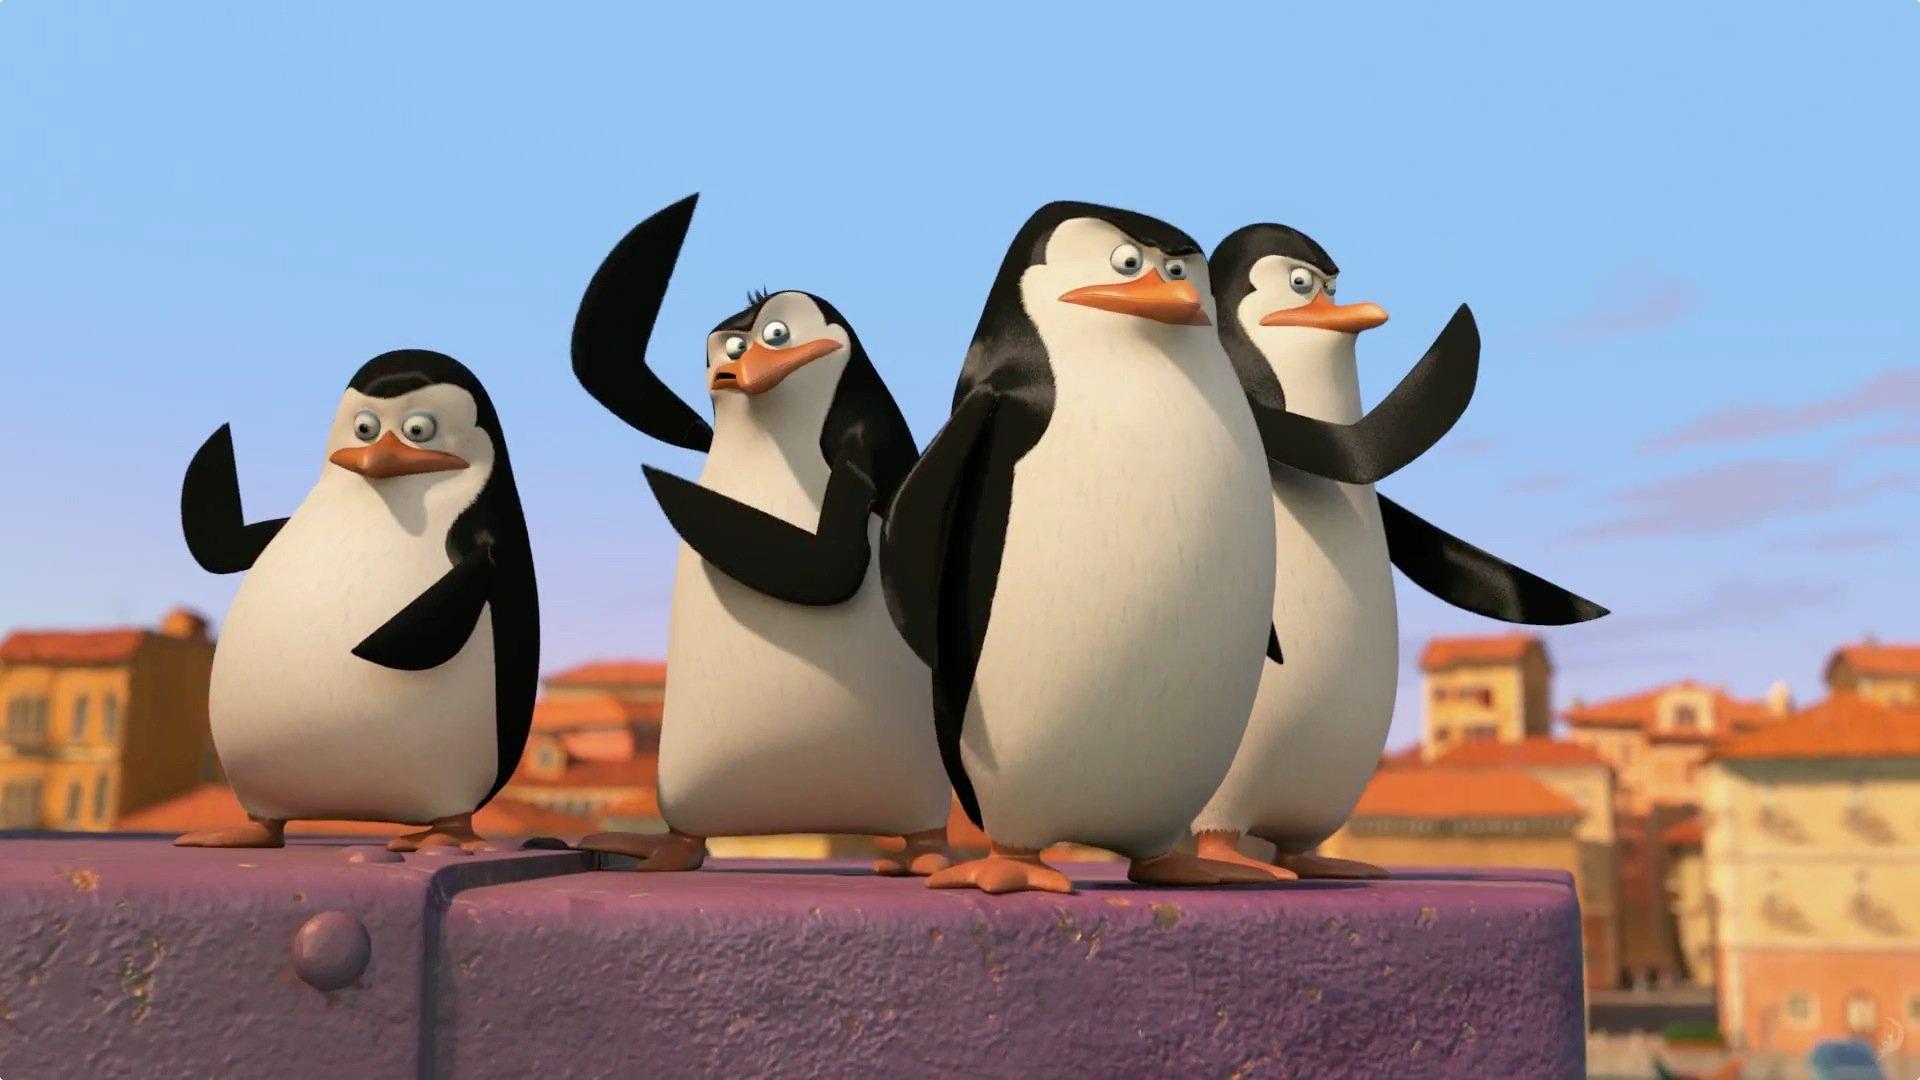 Skipper, Private, Kowalski, and Rico